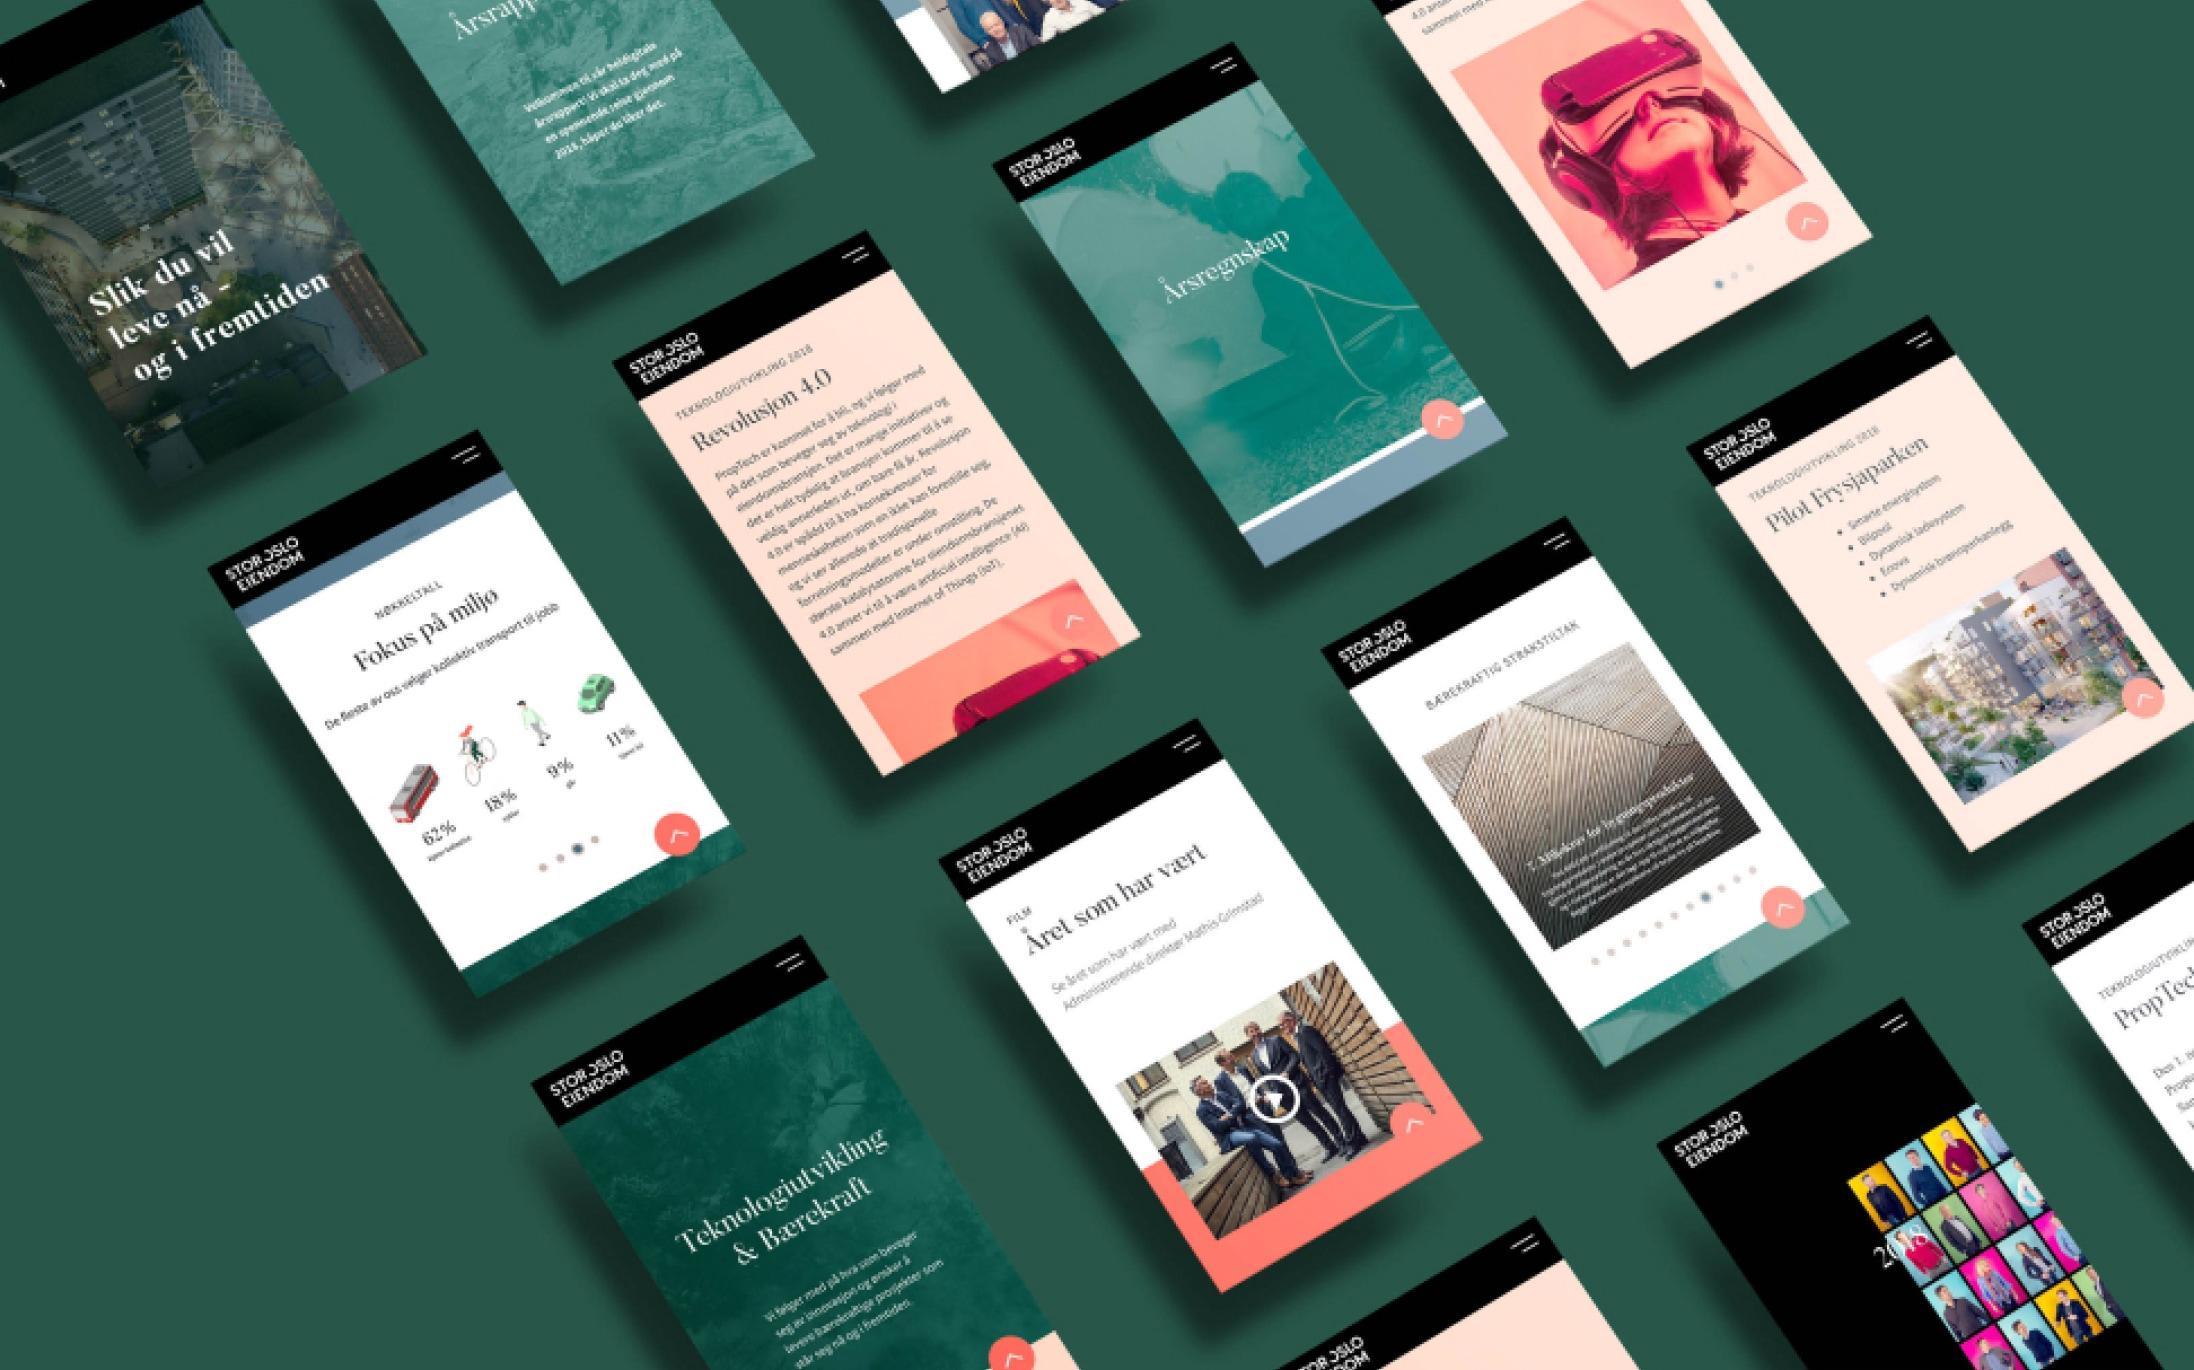 Stor-Oslo Eiendom nettside mobil versjon